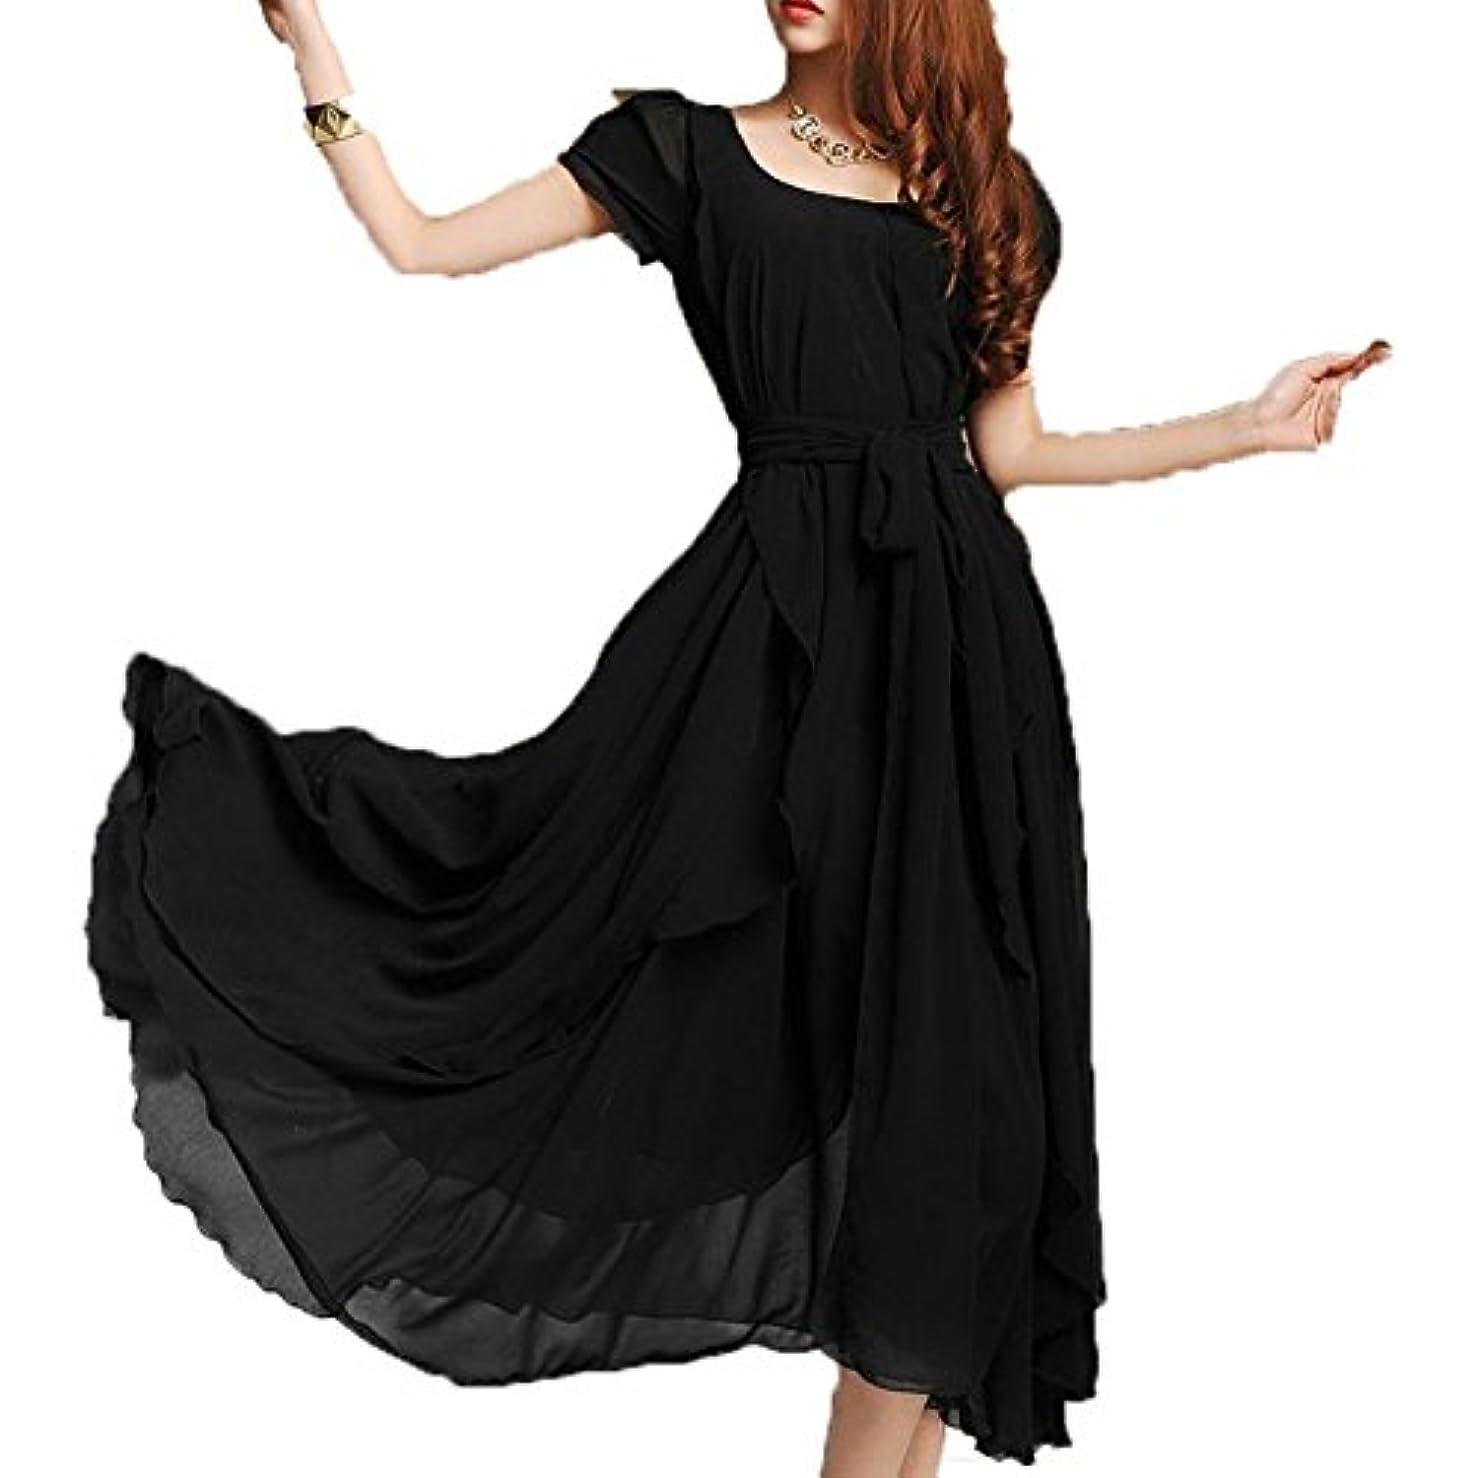 死にかけている正当な方程式[ココチエ] フォーマル ワンピース ドレス ロング ふんわり シフォン ベルト 半袖 袖あり ブラック レッド グリーン